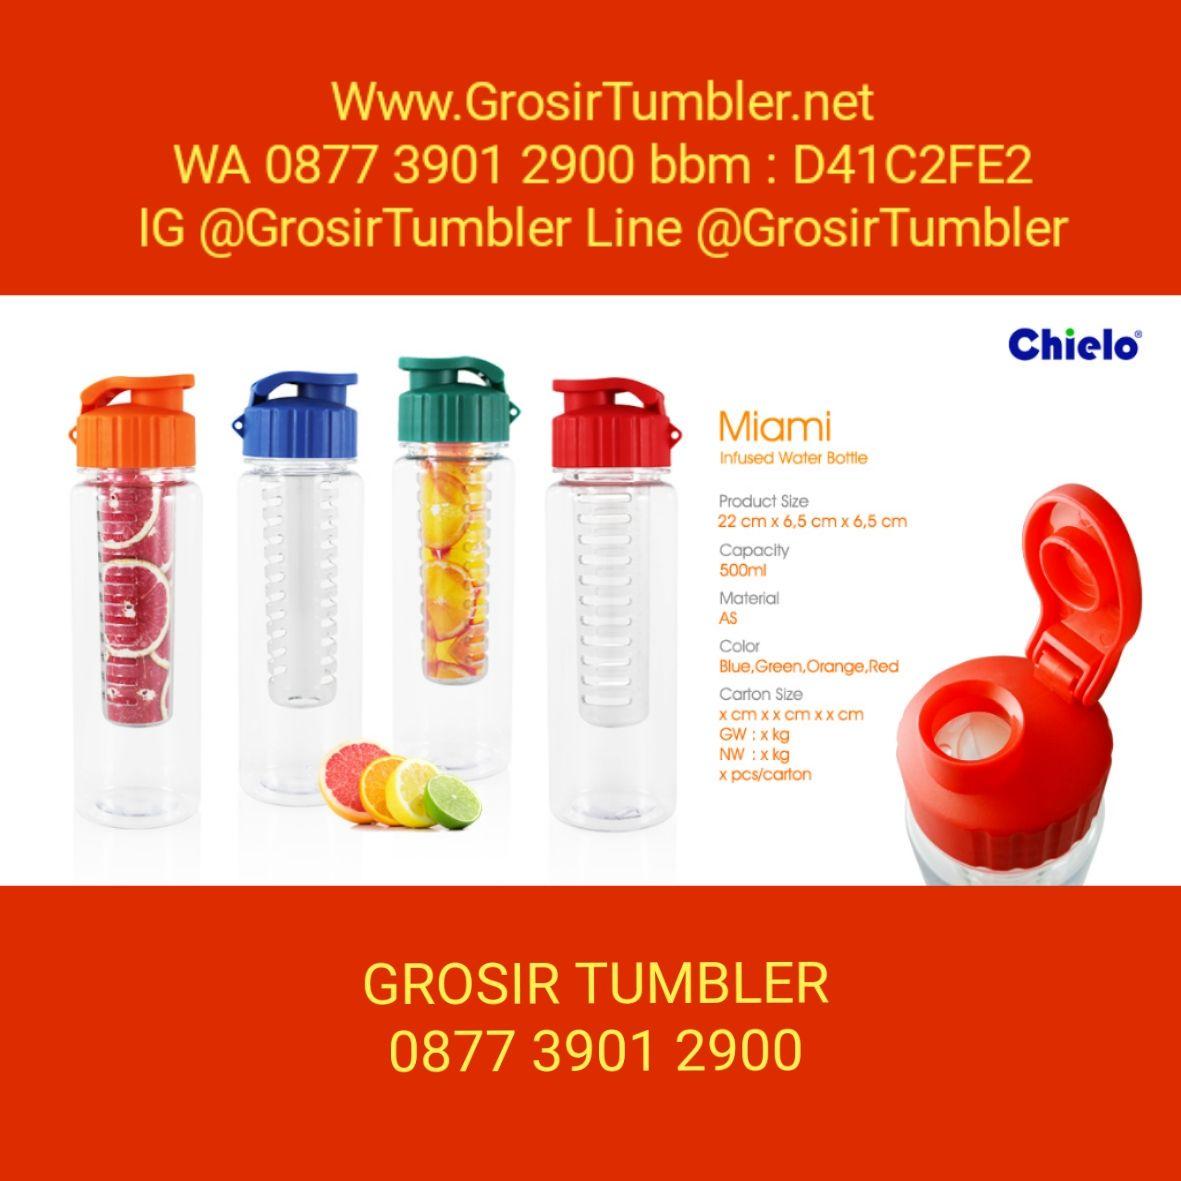 Gambar Botol Air Minumbotol Termosartikel Promosi Produkwadah Plastik Ps 250 Untuk Infused Water